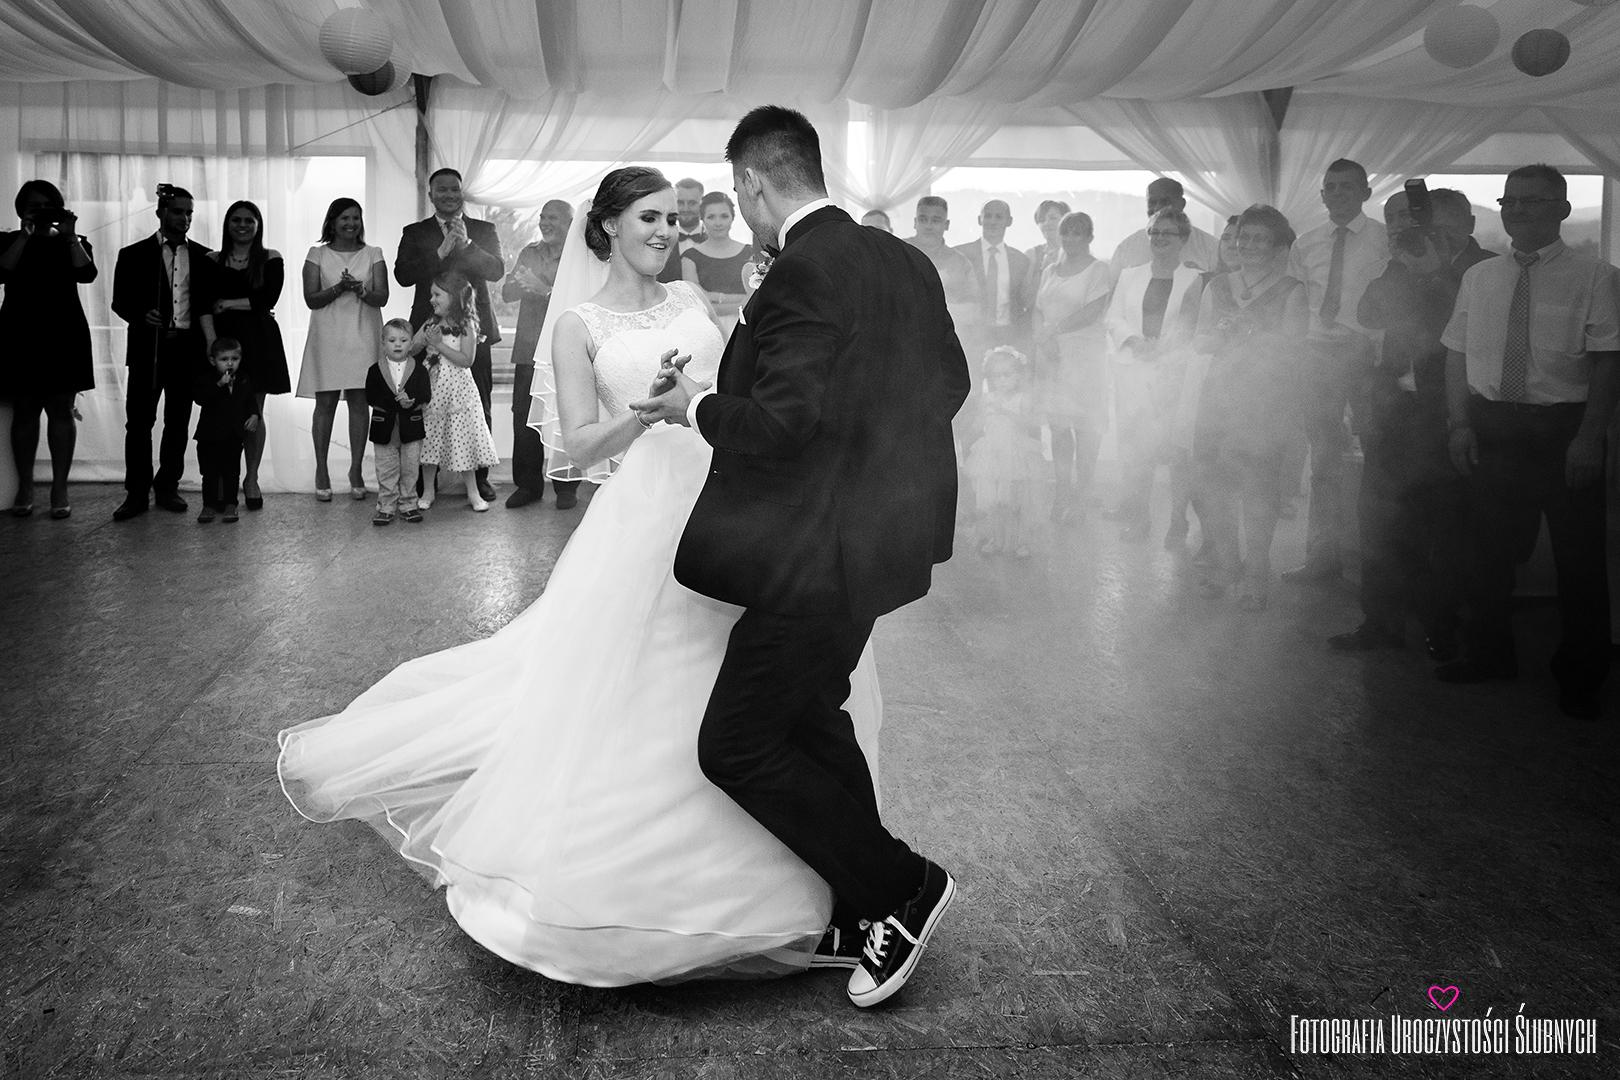 Artystyczna fotografia ślubna Jelenia Góra. Zapraszam do obejrzenia fotorelacji ze ślubu Aldony i Dymitra.